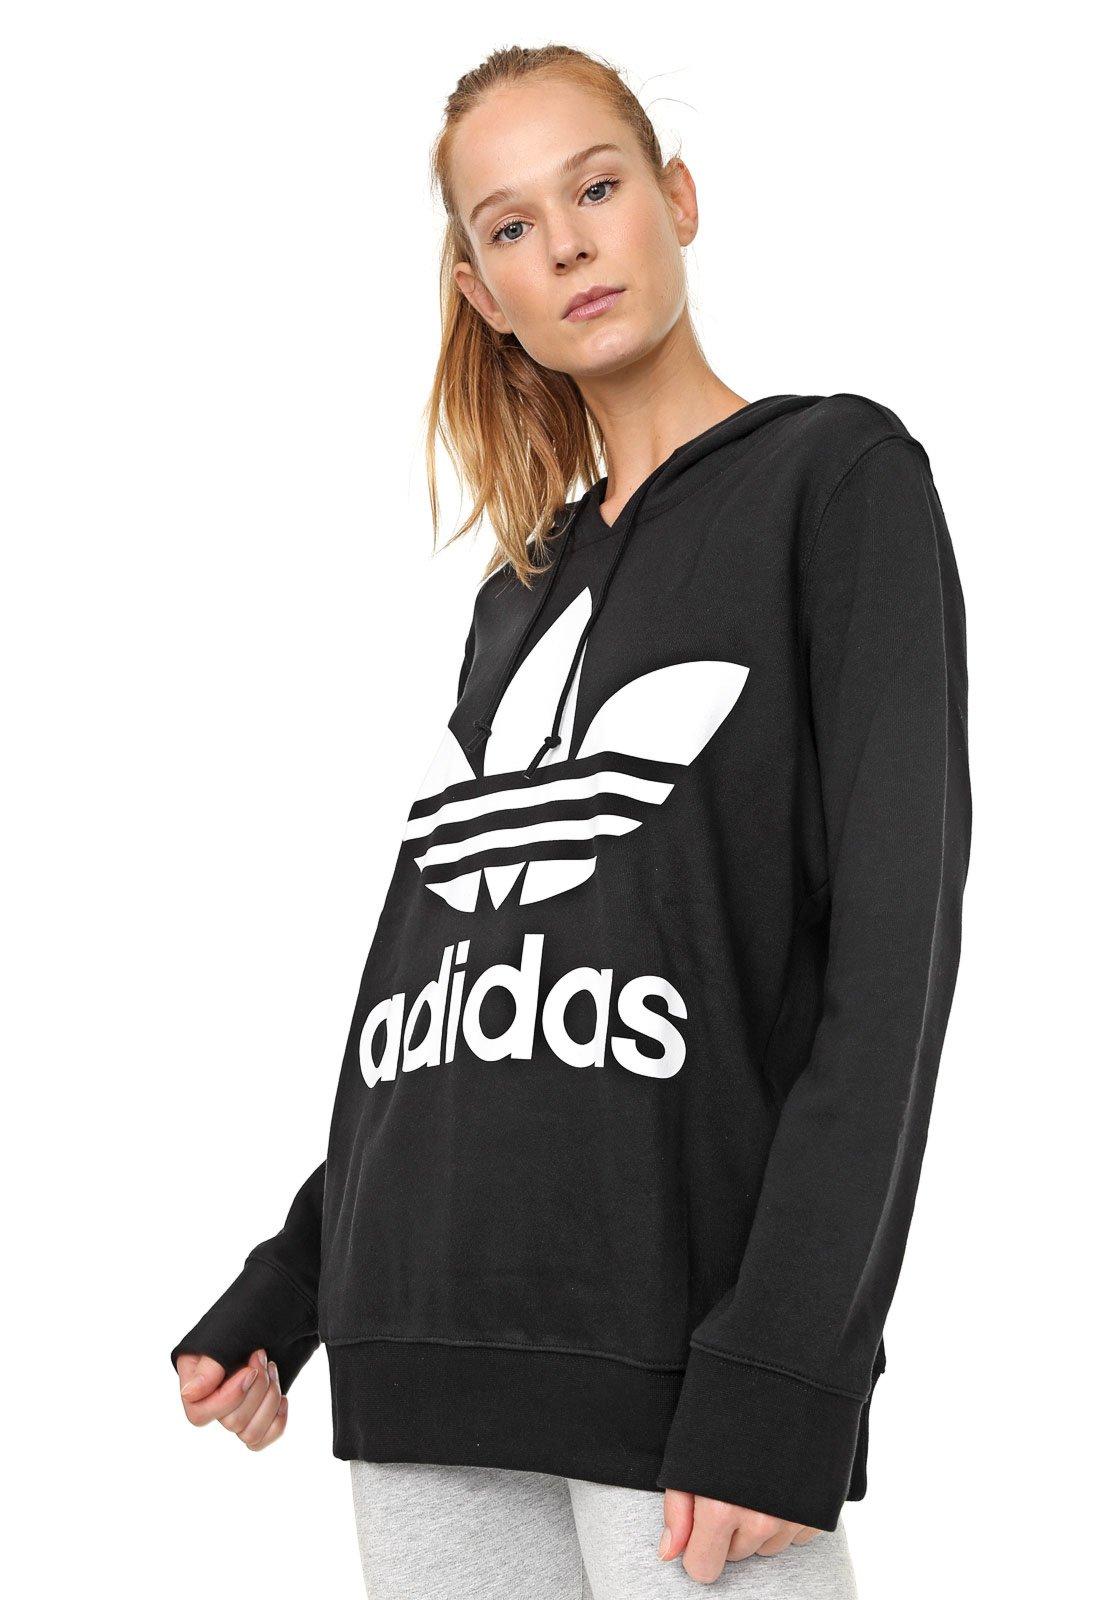 Moletom Fechado adidas Originals Trefoil Hoodie Preto - Compre Agora ... c29ab4015ed16